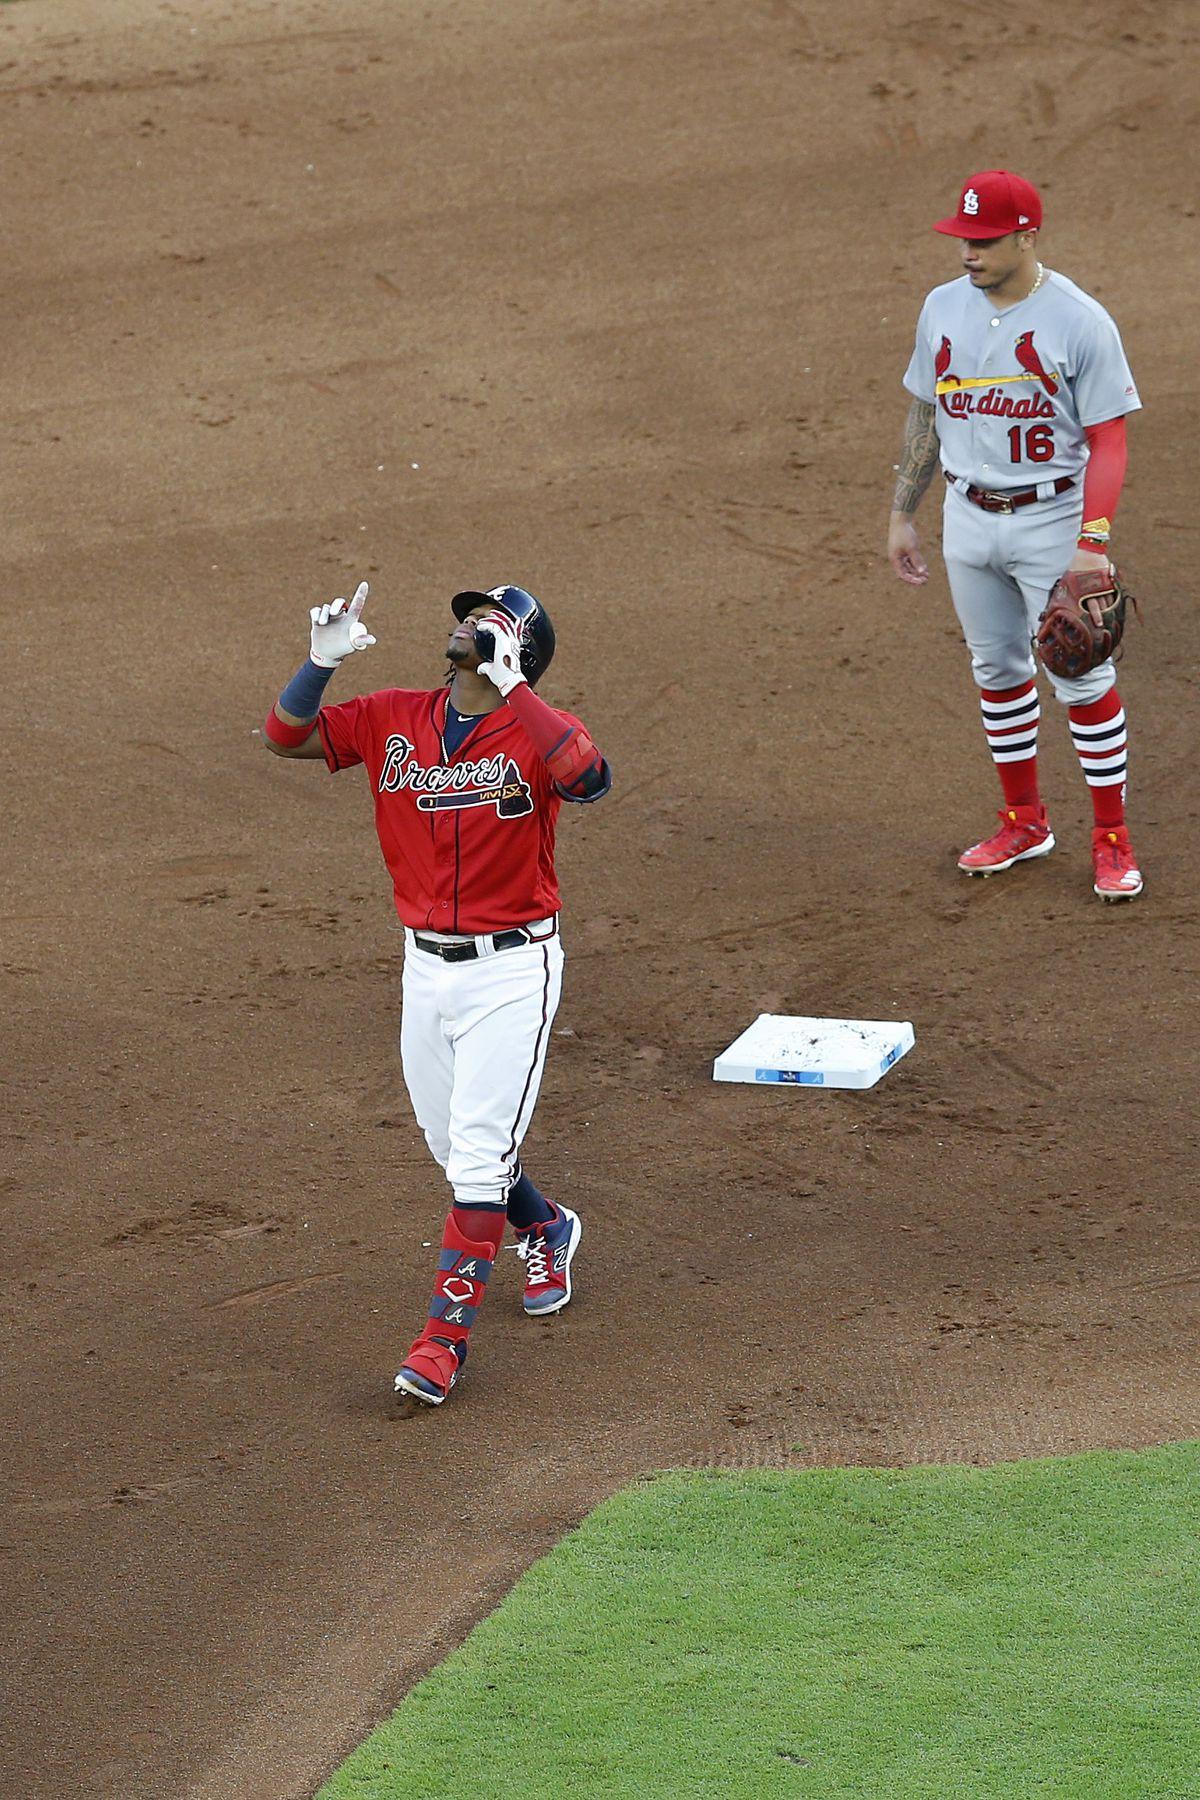 2019 NLDS Game 2 - St. Louis Cardinals v. Atlanta Braves